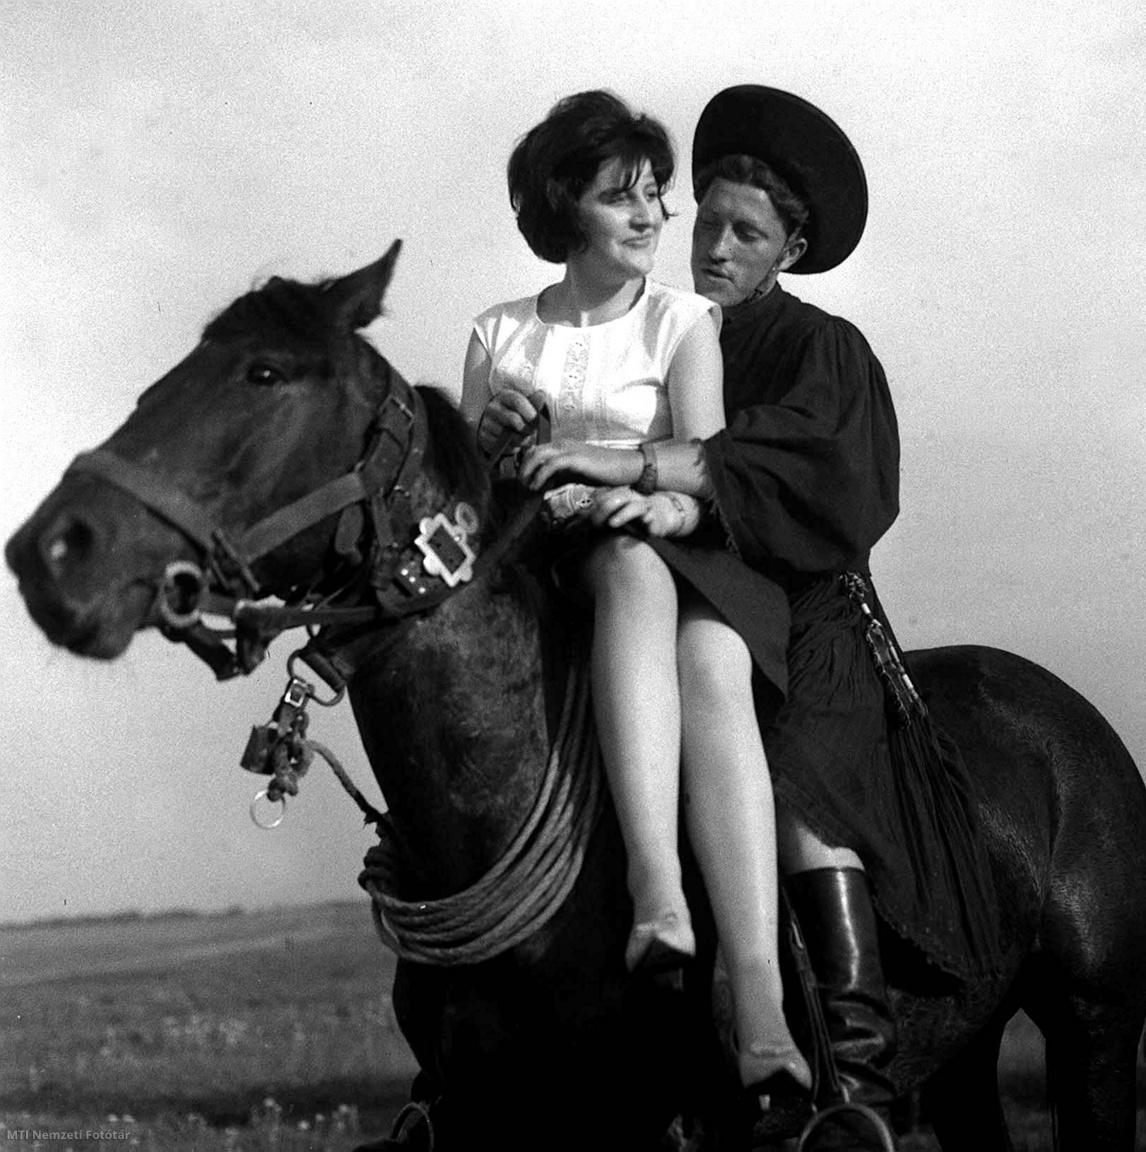 1963. május 10.  A hajdani lányrablást játssza el a hortobágyi csikós nyergében a német turistanővel